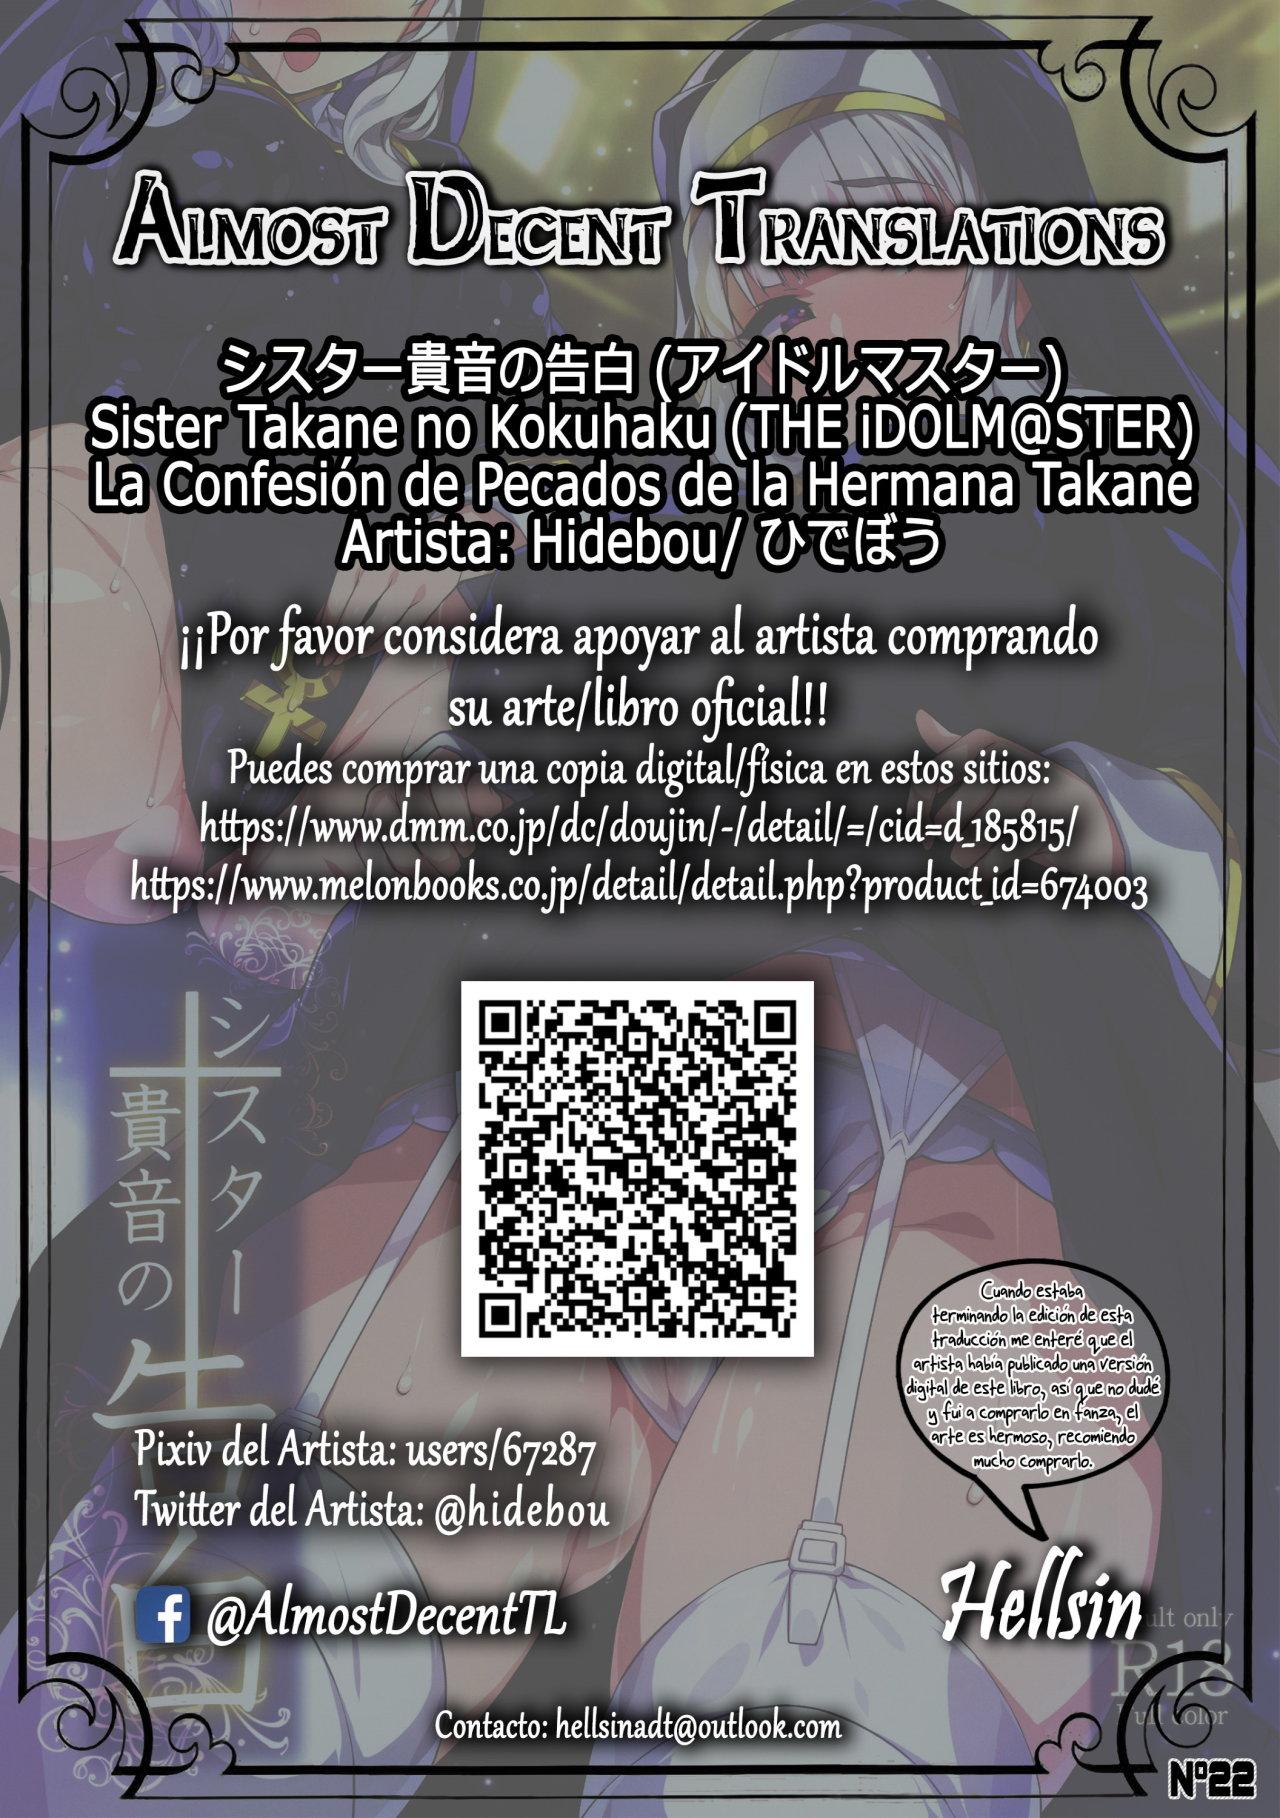 La Confesion de Pecados de la Hermana Takane - 1